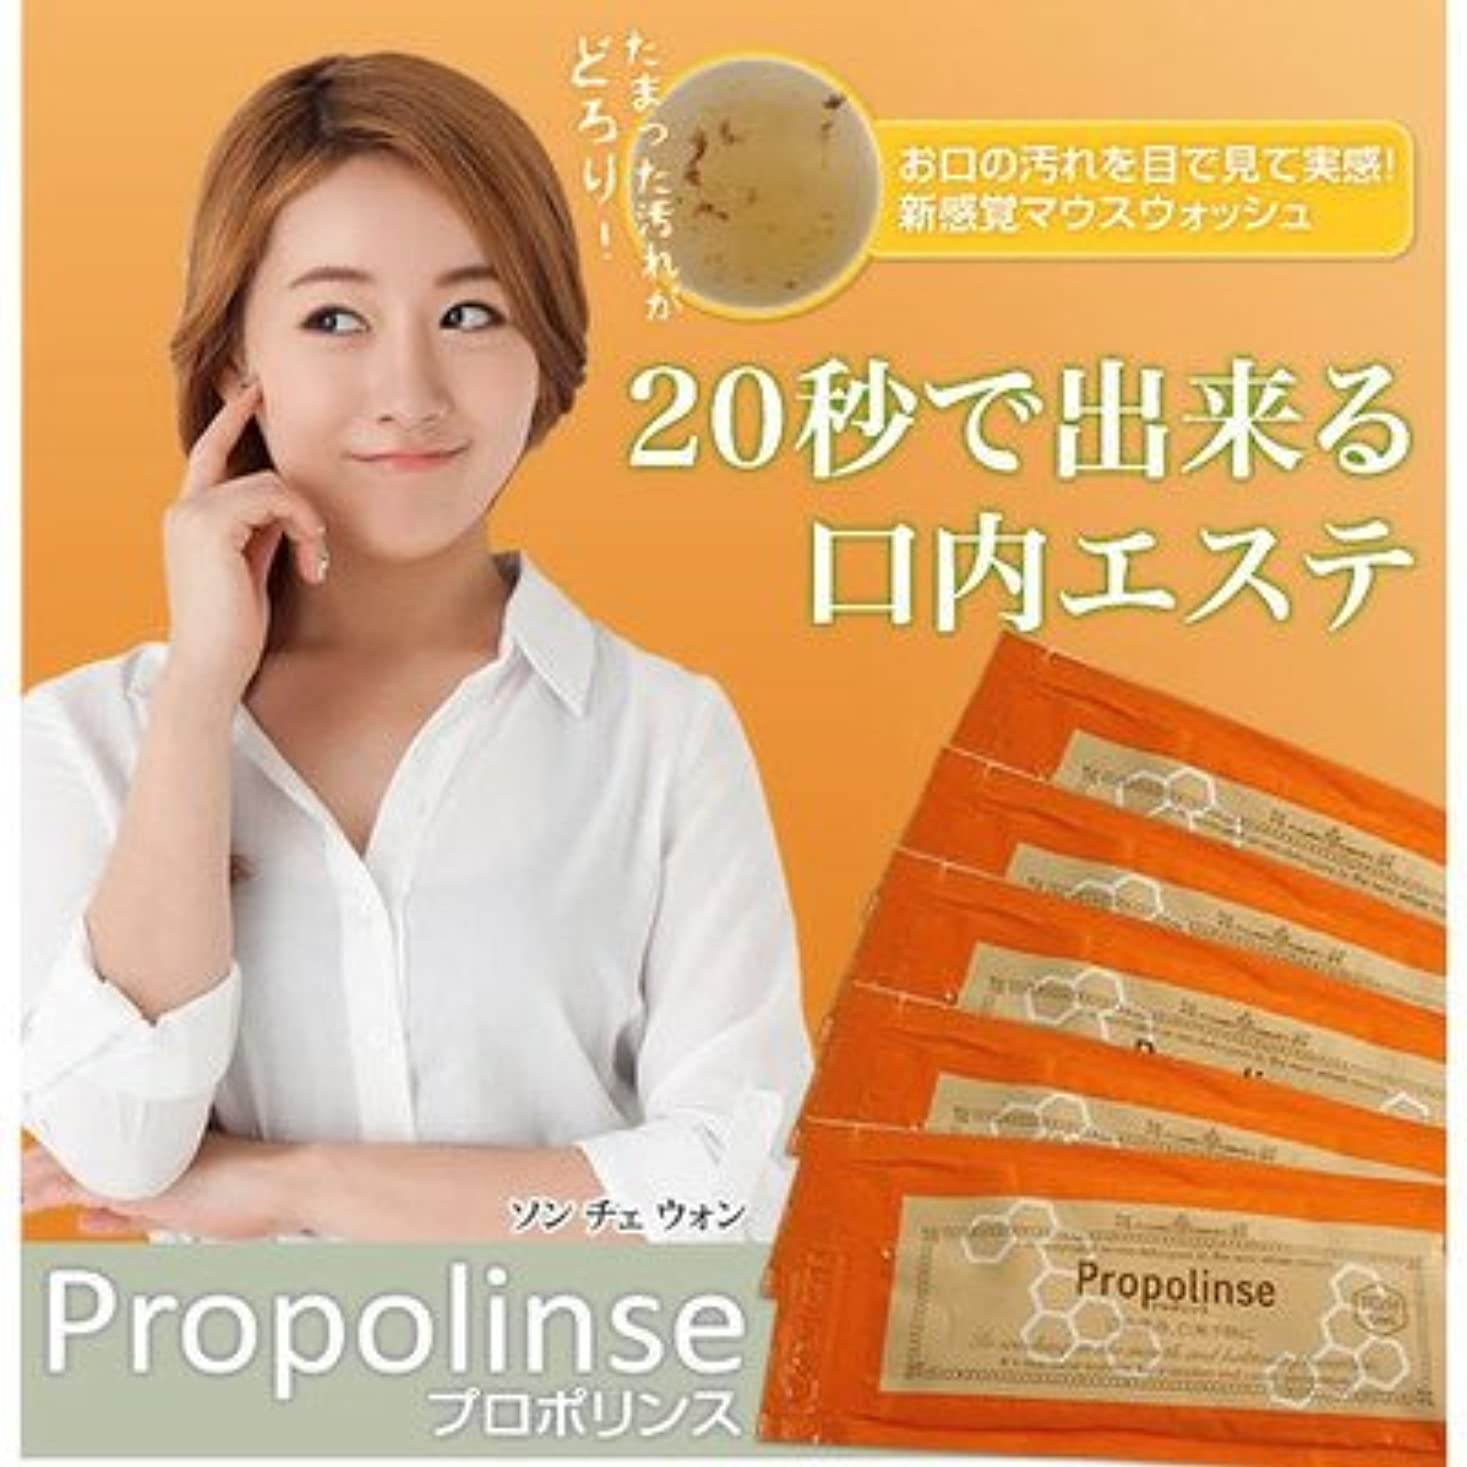 プロポリンス ハンディパウチ 12ml(1袋)×100袋